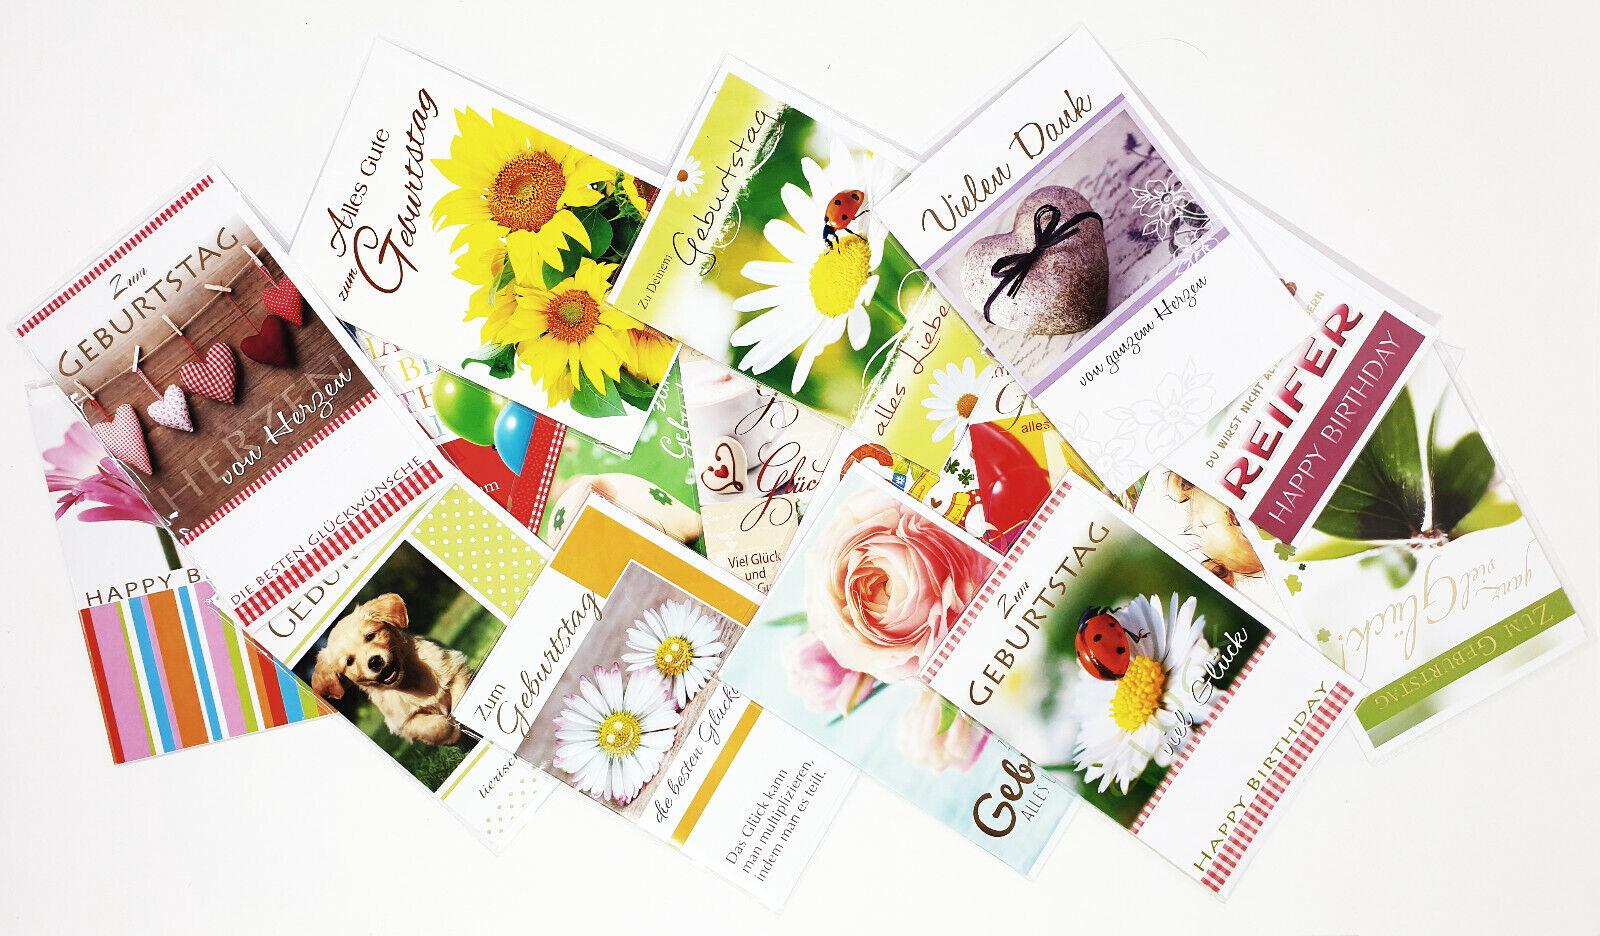 30 Stk. Geburtstagskarten Grußkarten Glückwunschkarten Karten Set mit Umschlag